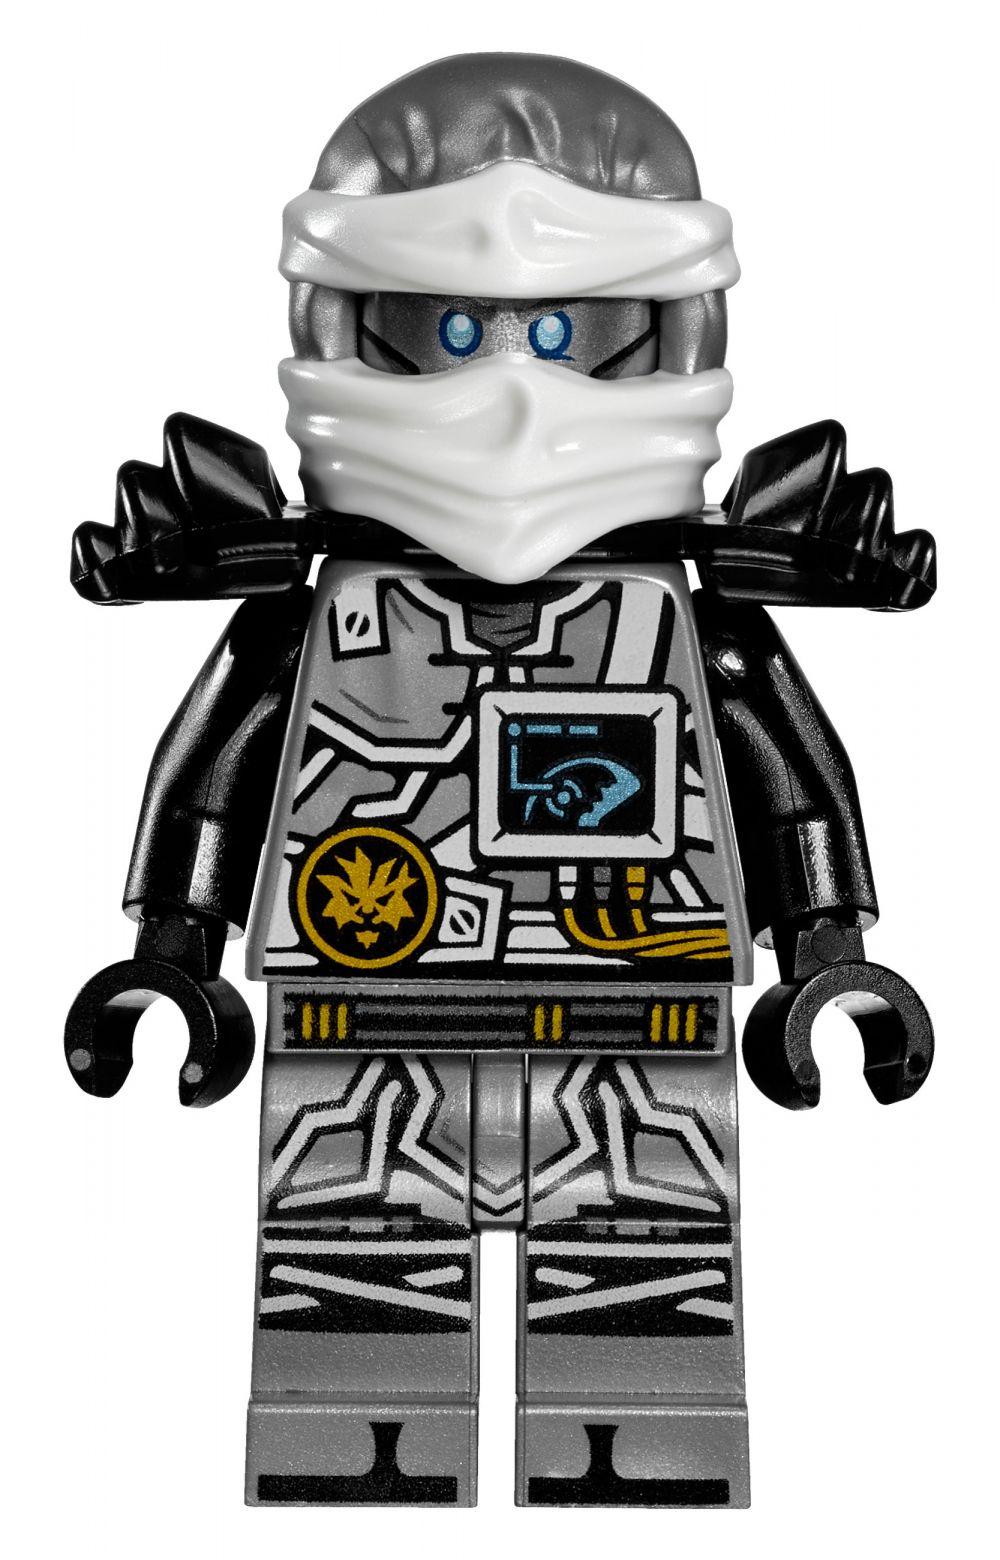 Lego ninjago 70624 pas cher la catapulte vermillion - Ninjago lego zane ...